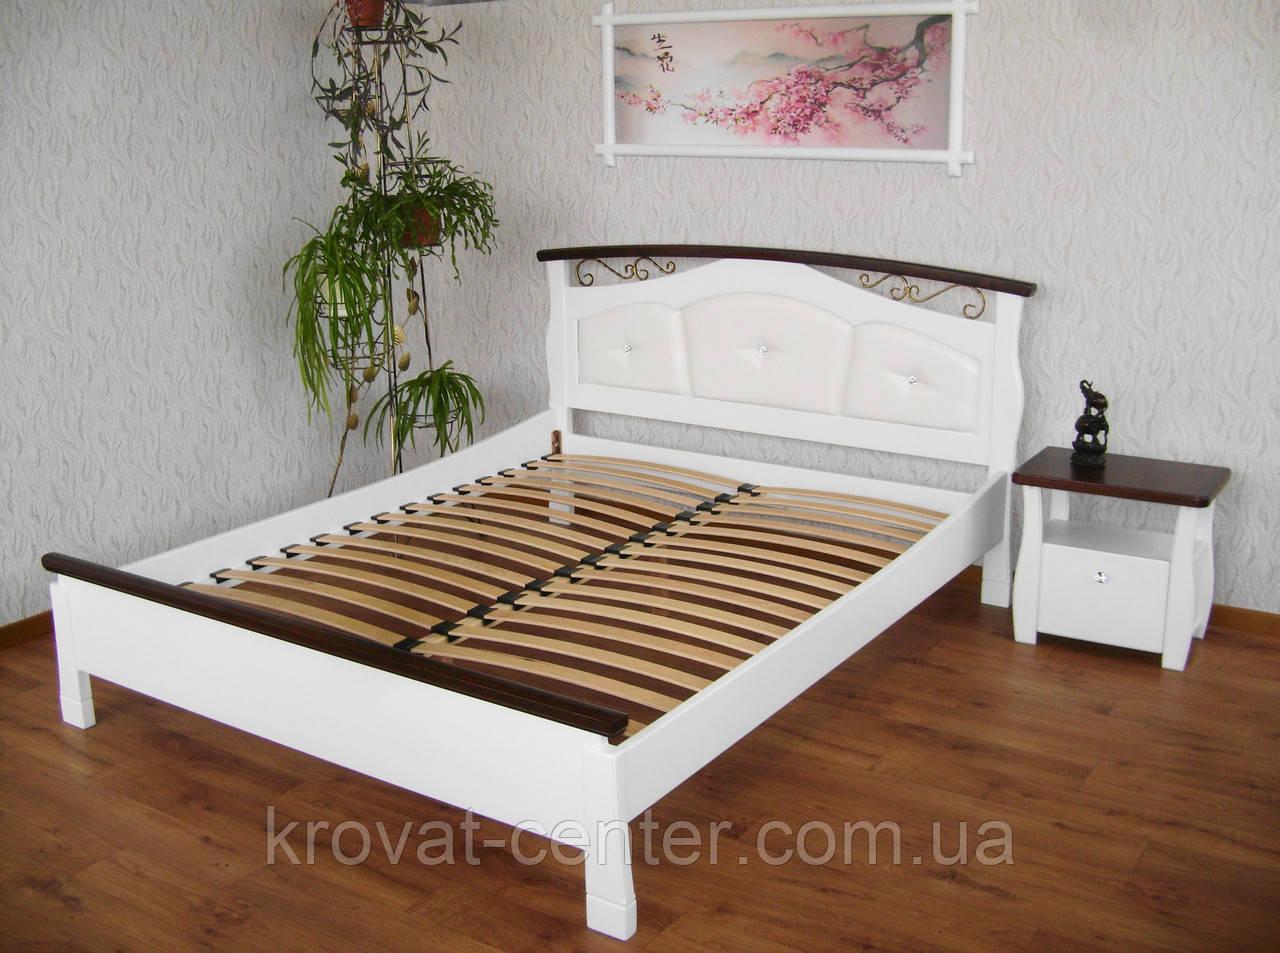 """Спальня """"Констанция"""" (кровать, тумбочки)"""